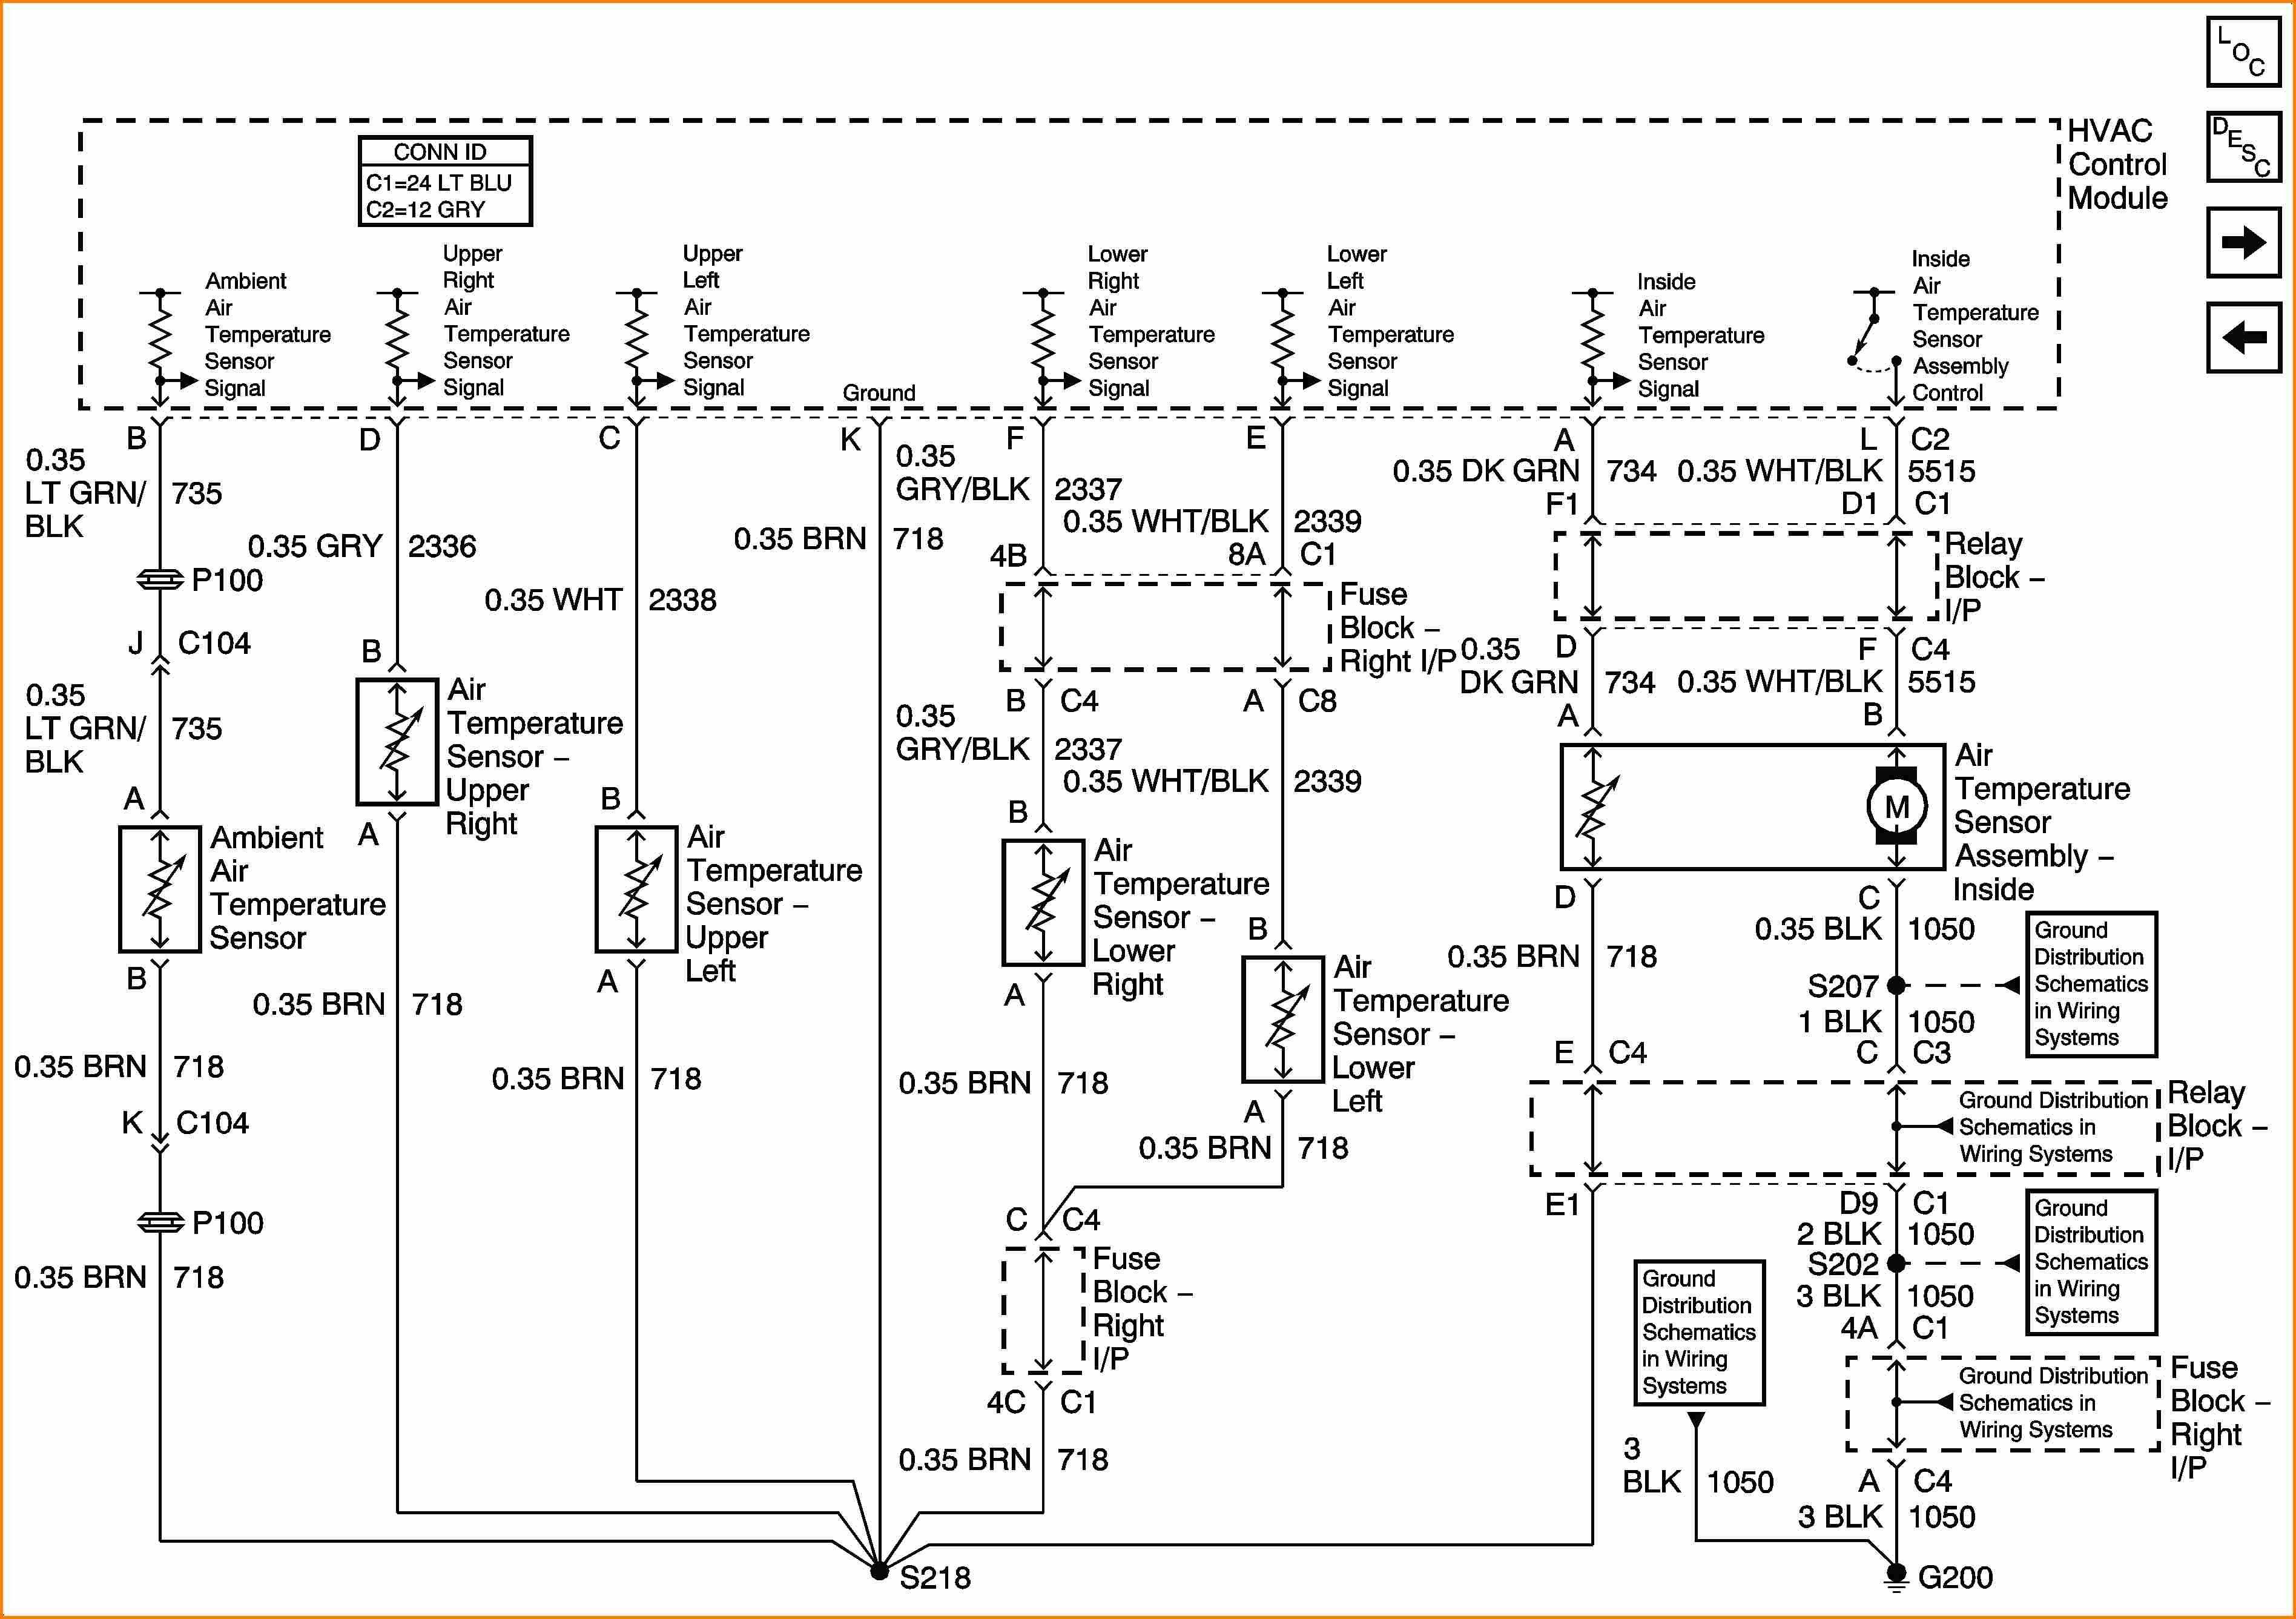 2003 Chevy Silverado Electrical Diagram Fan : 2003 chevy silverado instrument cluster wiring diagram ~ A.2002-acura-tl-radio.info Haus und Dekorationen